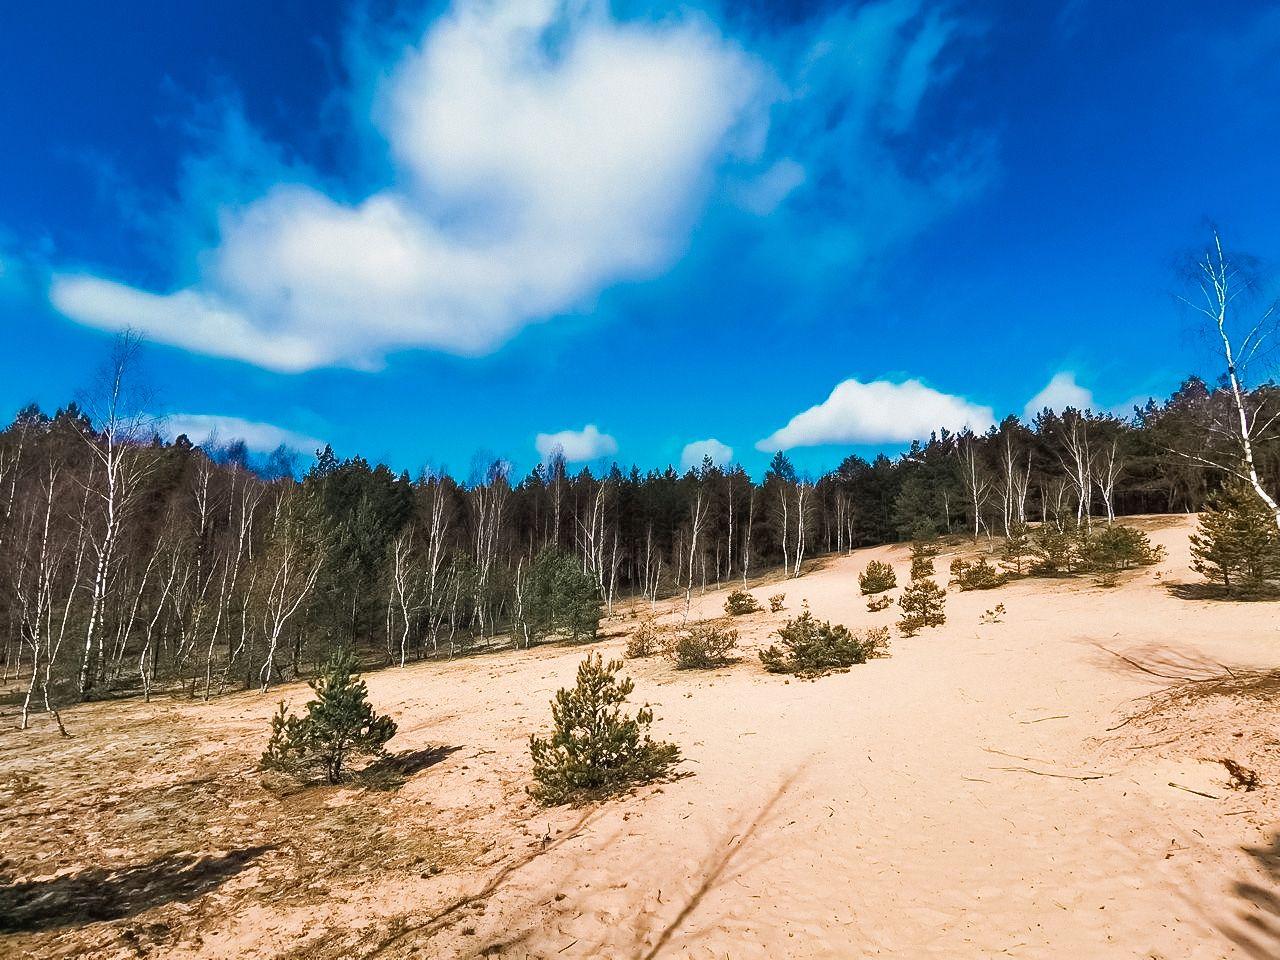 Bartkuškio miško žemyninė kopa